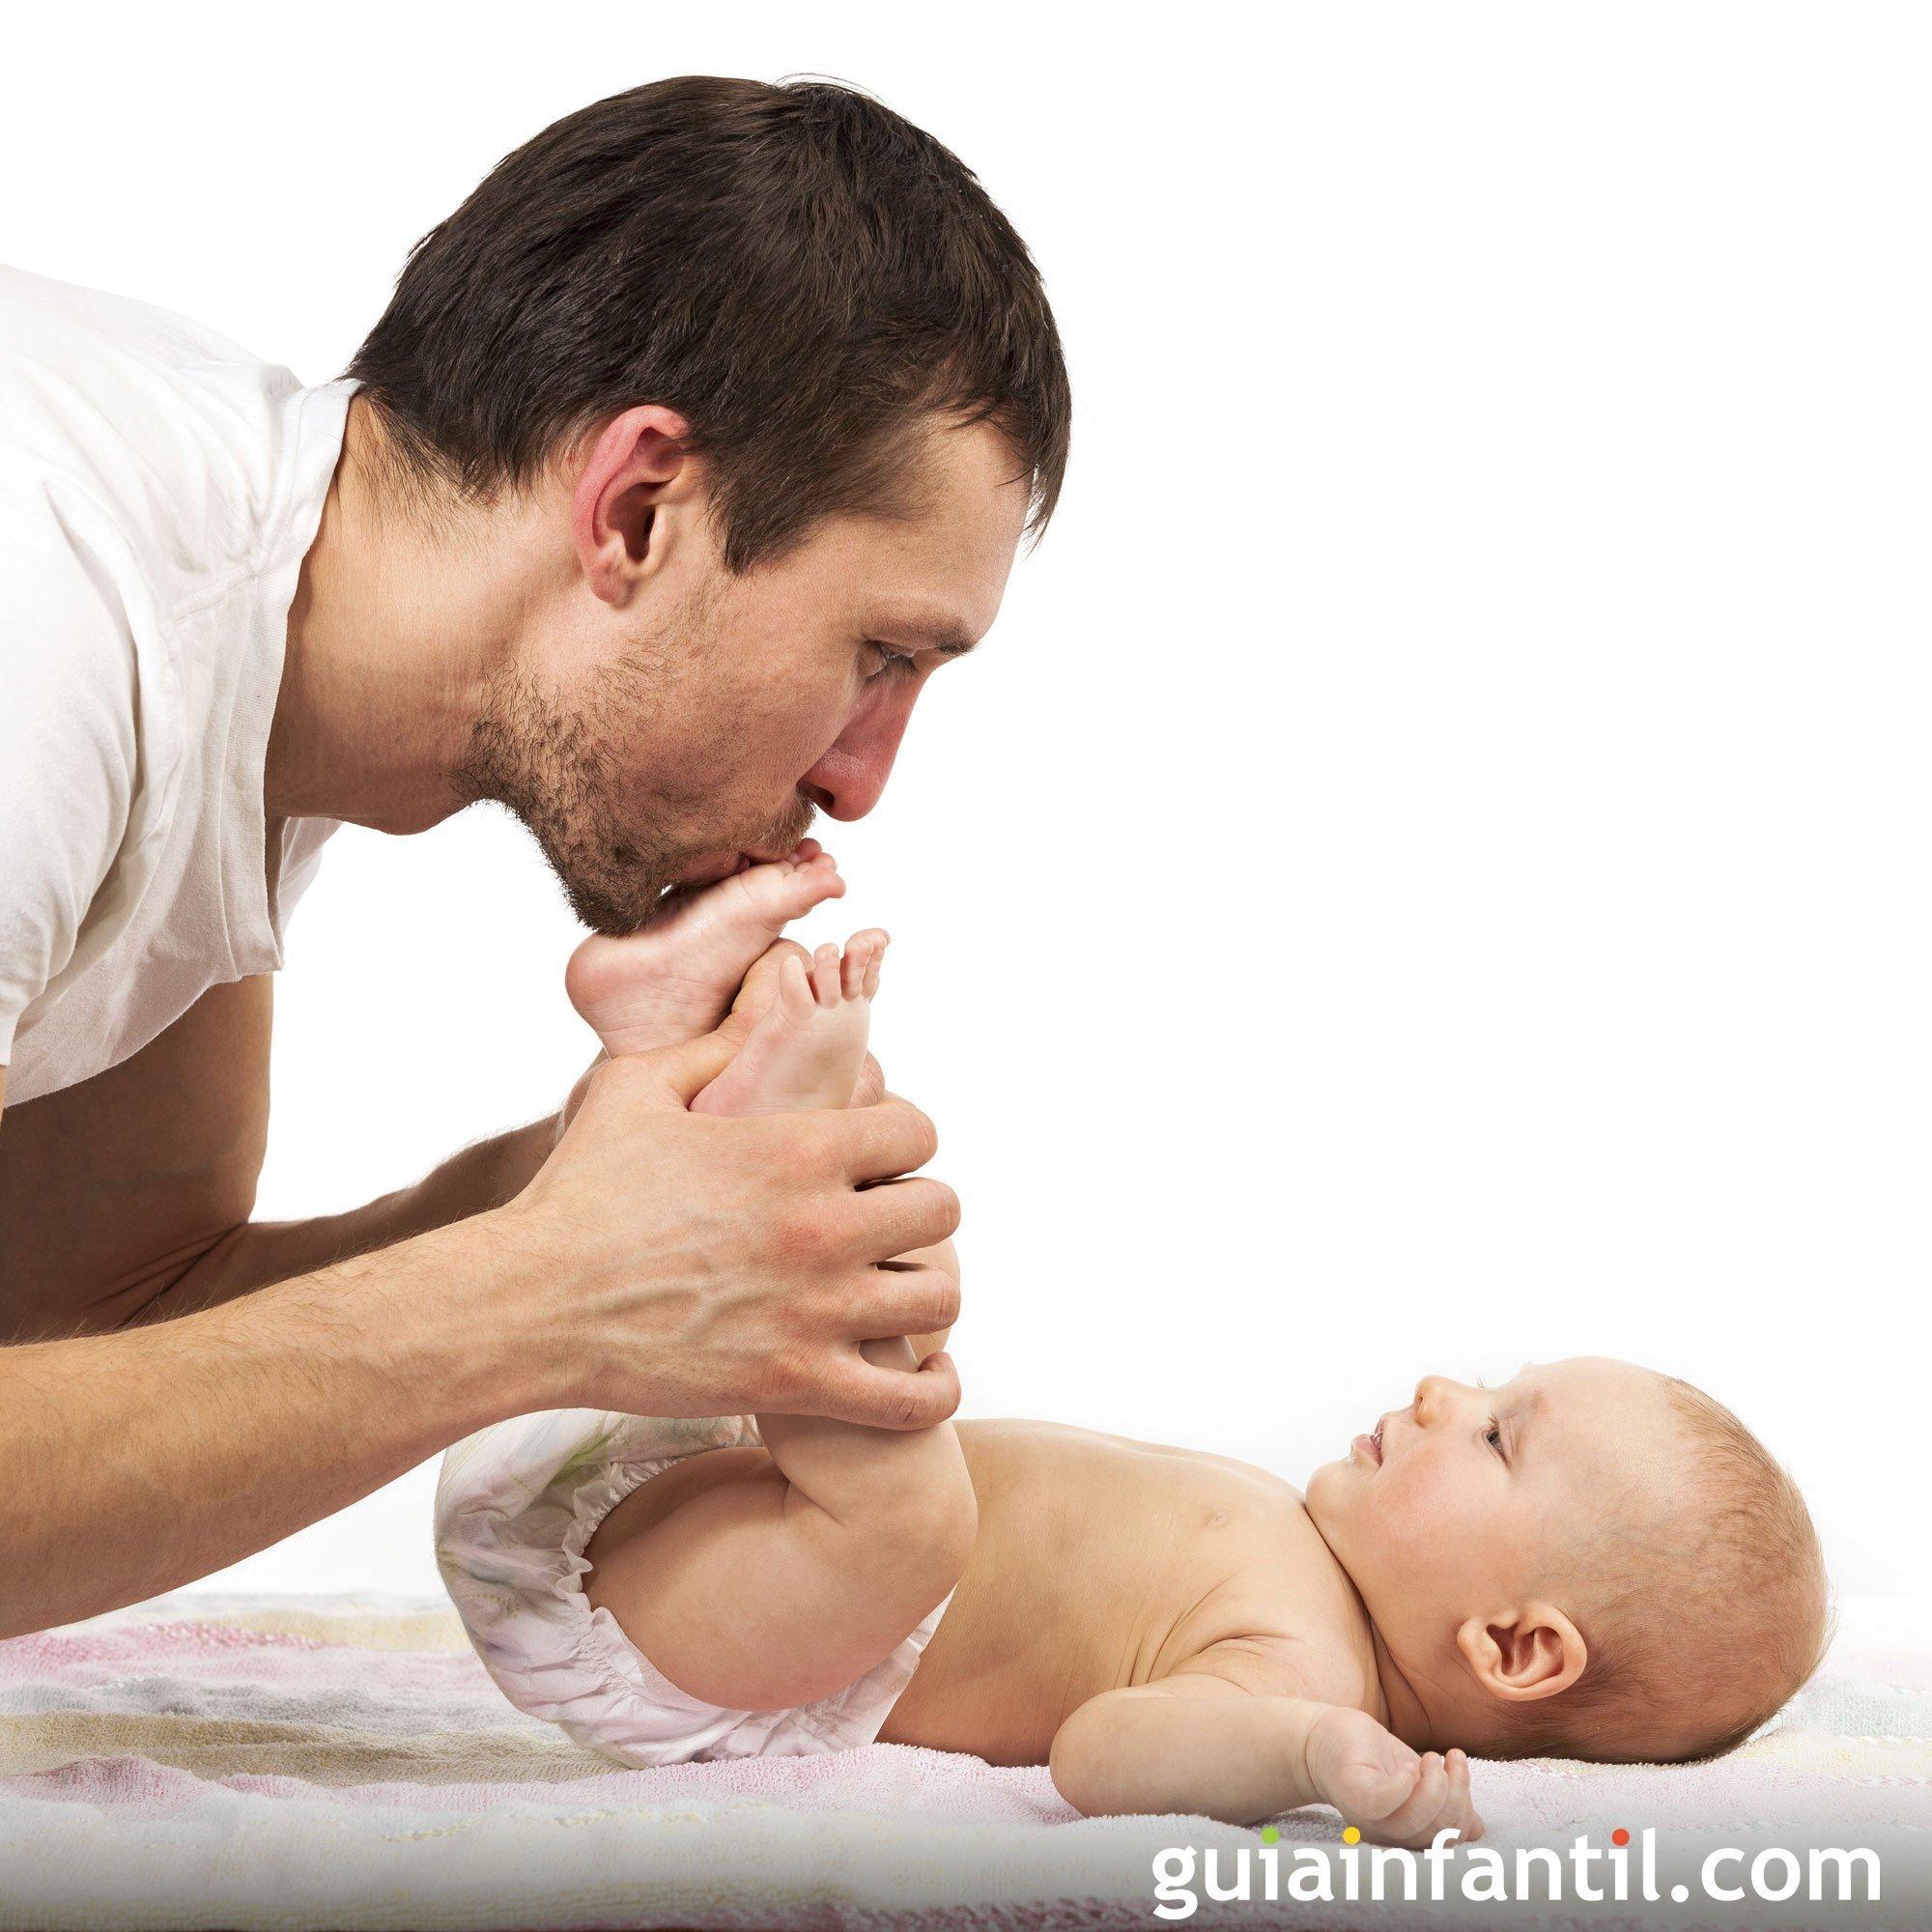 Cosquillas con papá. Foto de padres y bebés